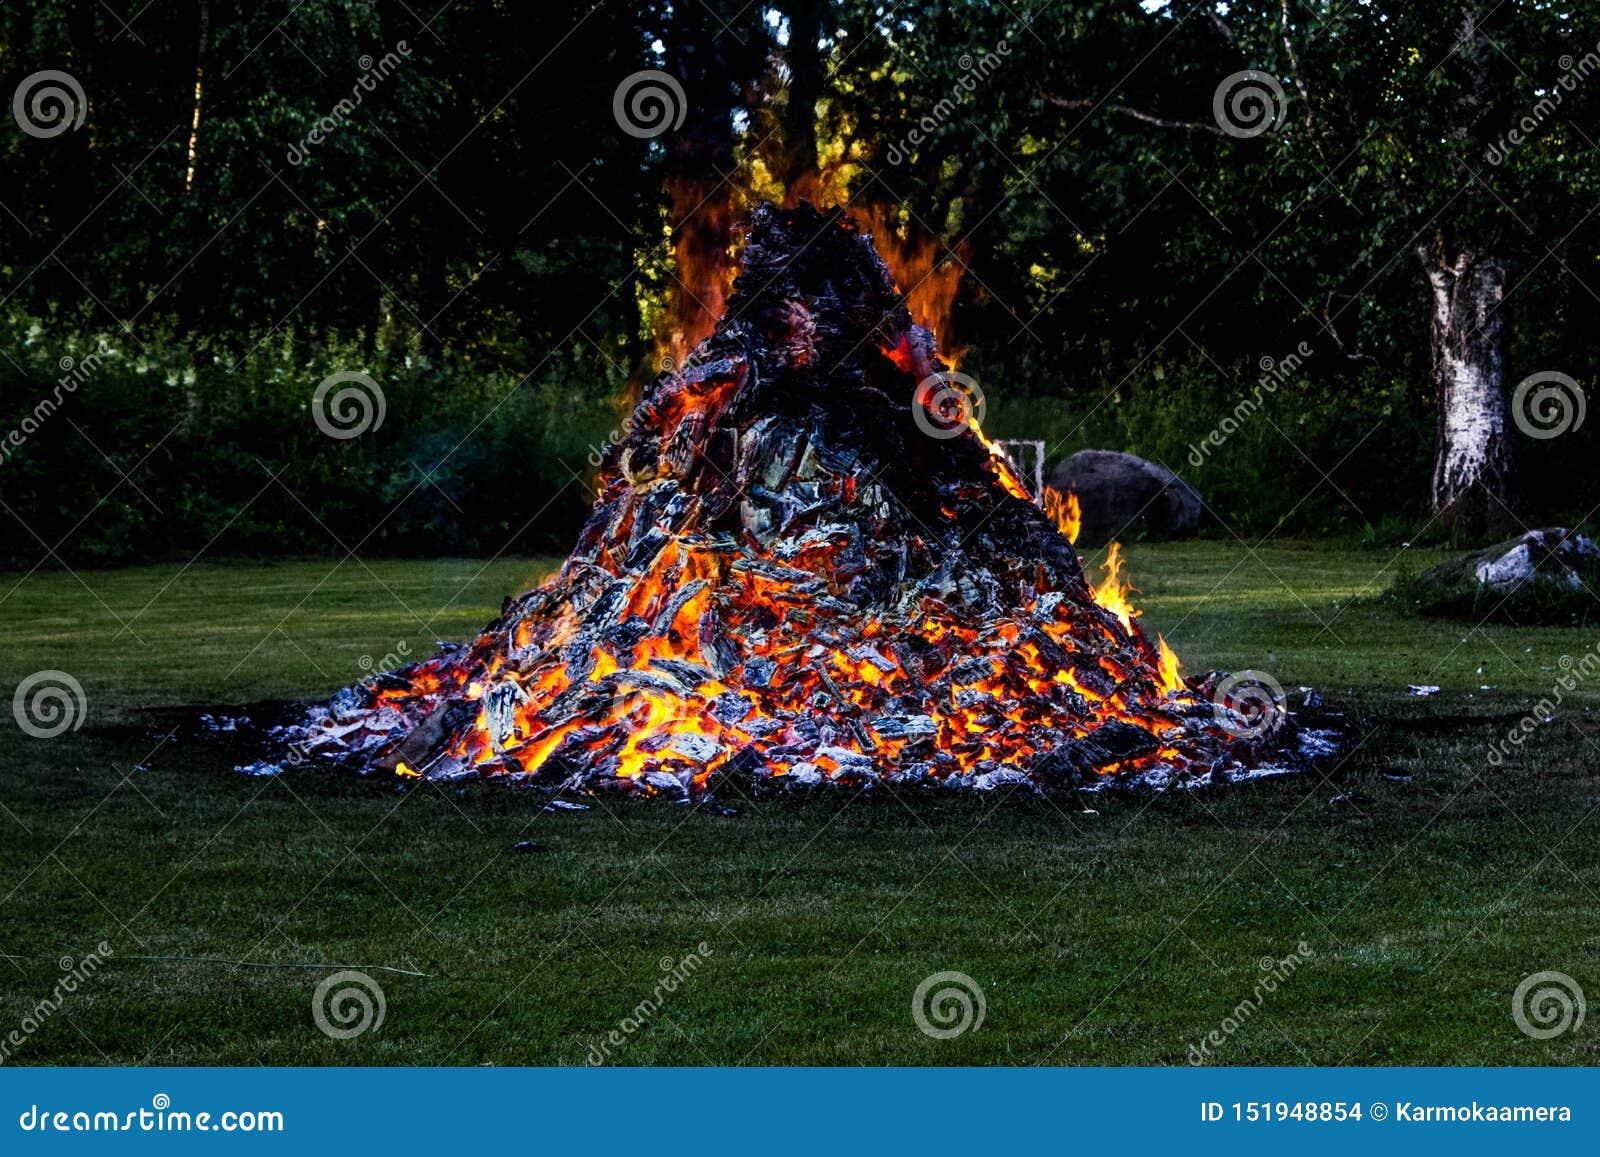 Mire mi fuego